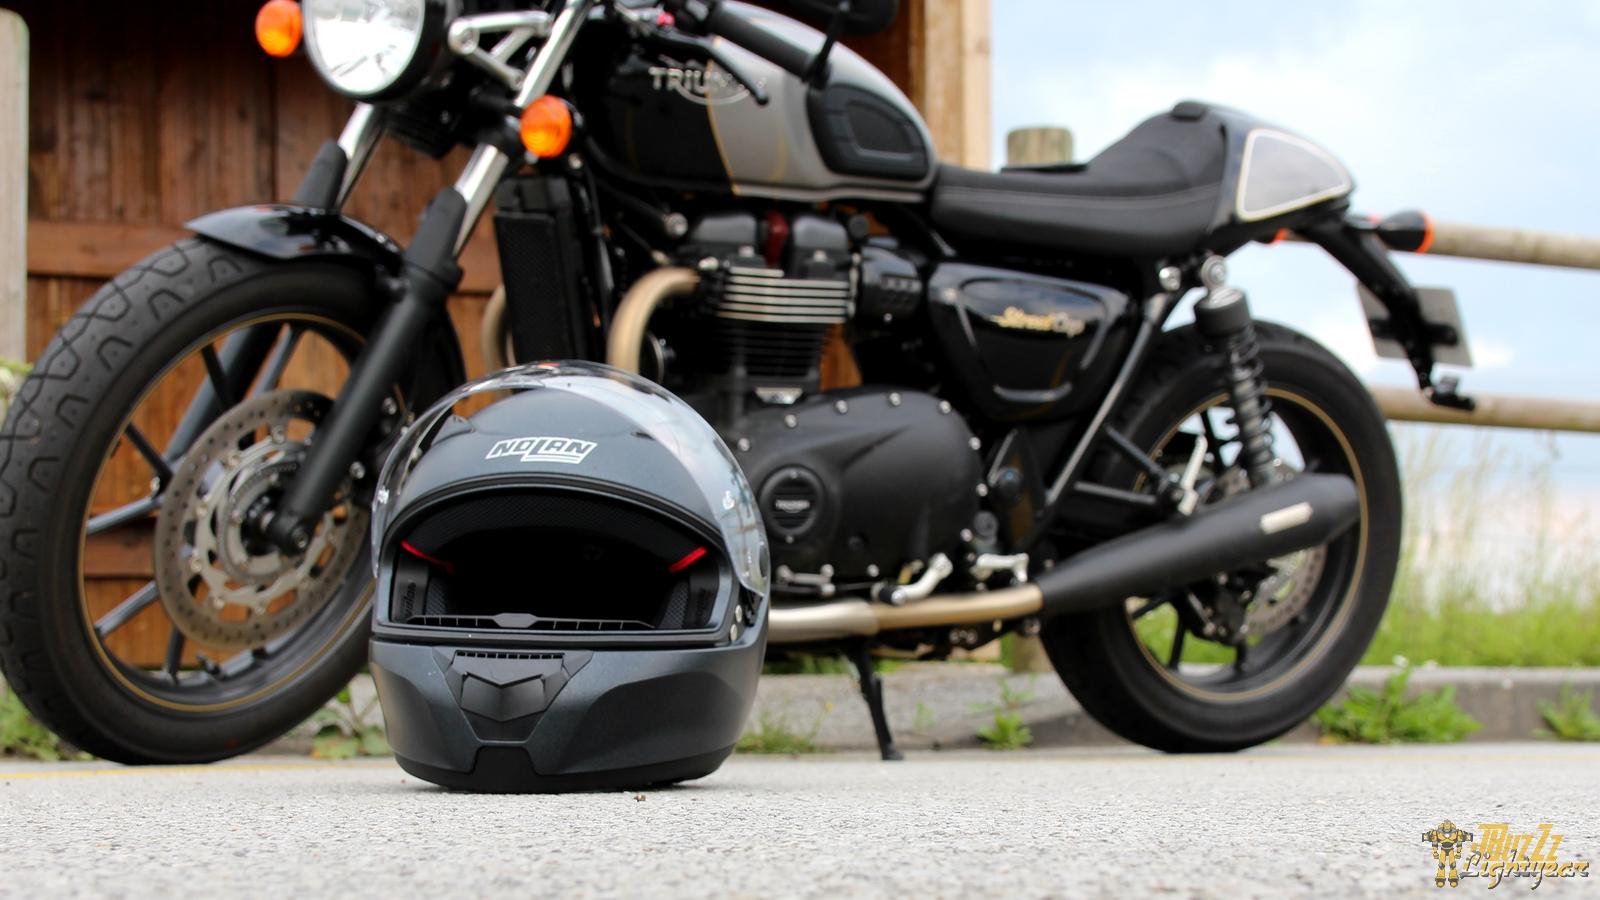 Avec son design épuré, le casque Nolan N60.5 Special s'accorde avec tous les styles de machine...